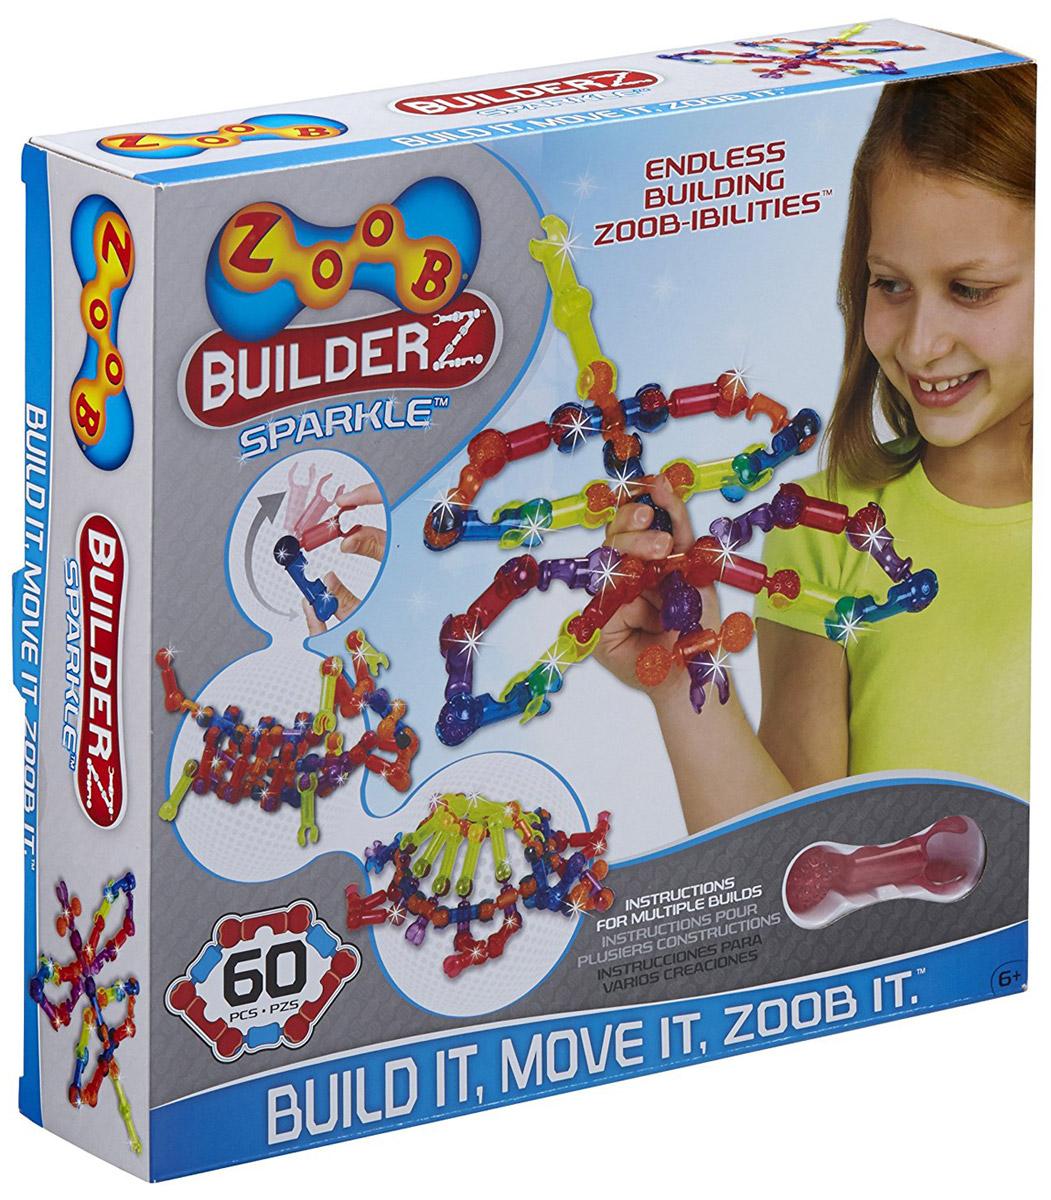 Zoob Конструктор Sparkle 60 конструкторы zoob подвижный конструктор zoob с инерционным механизмом oz12055